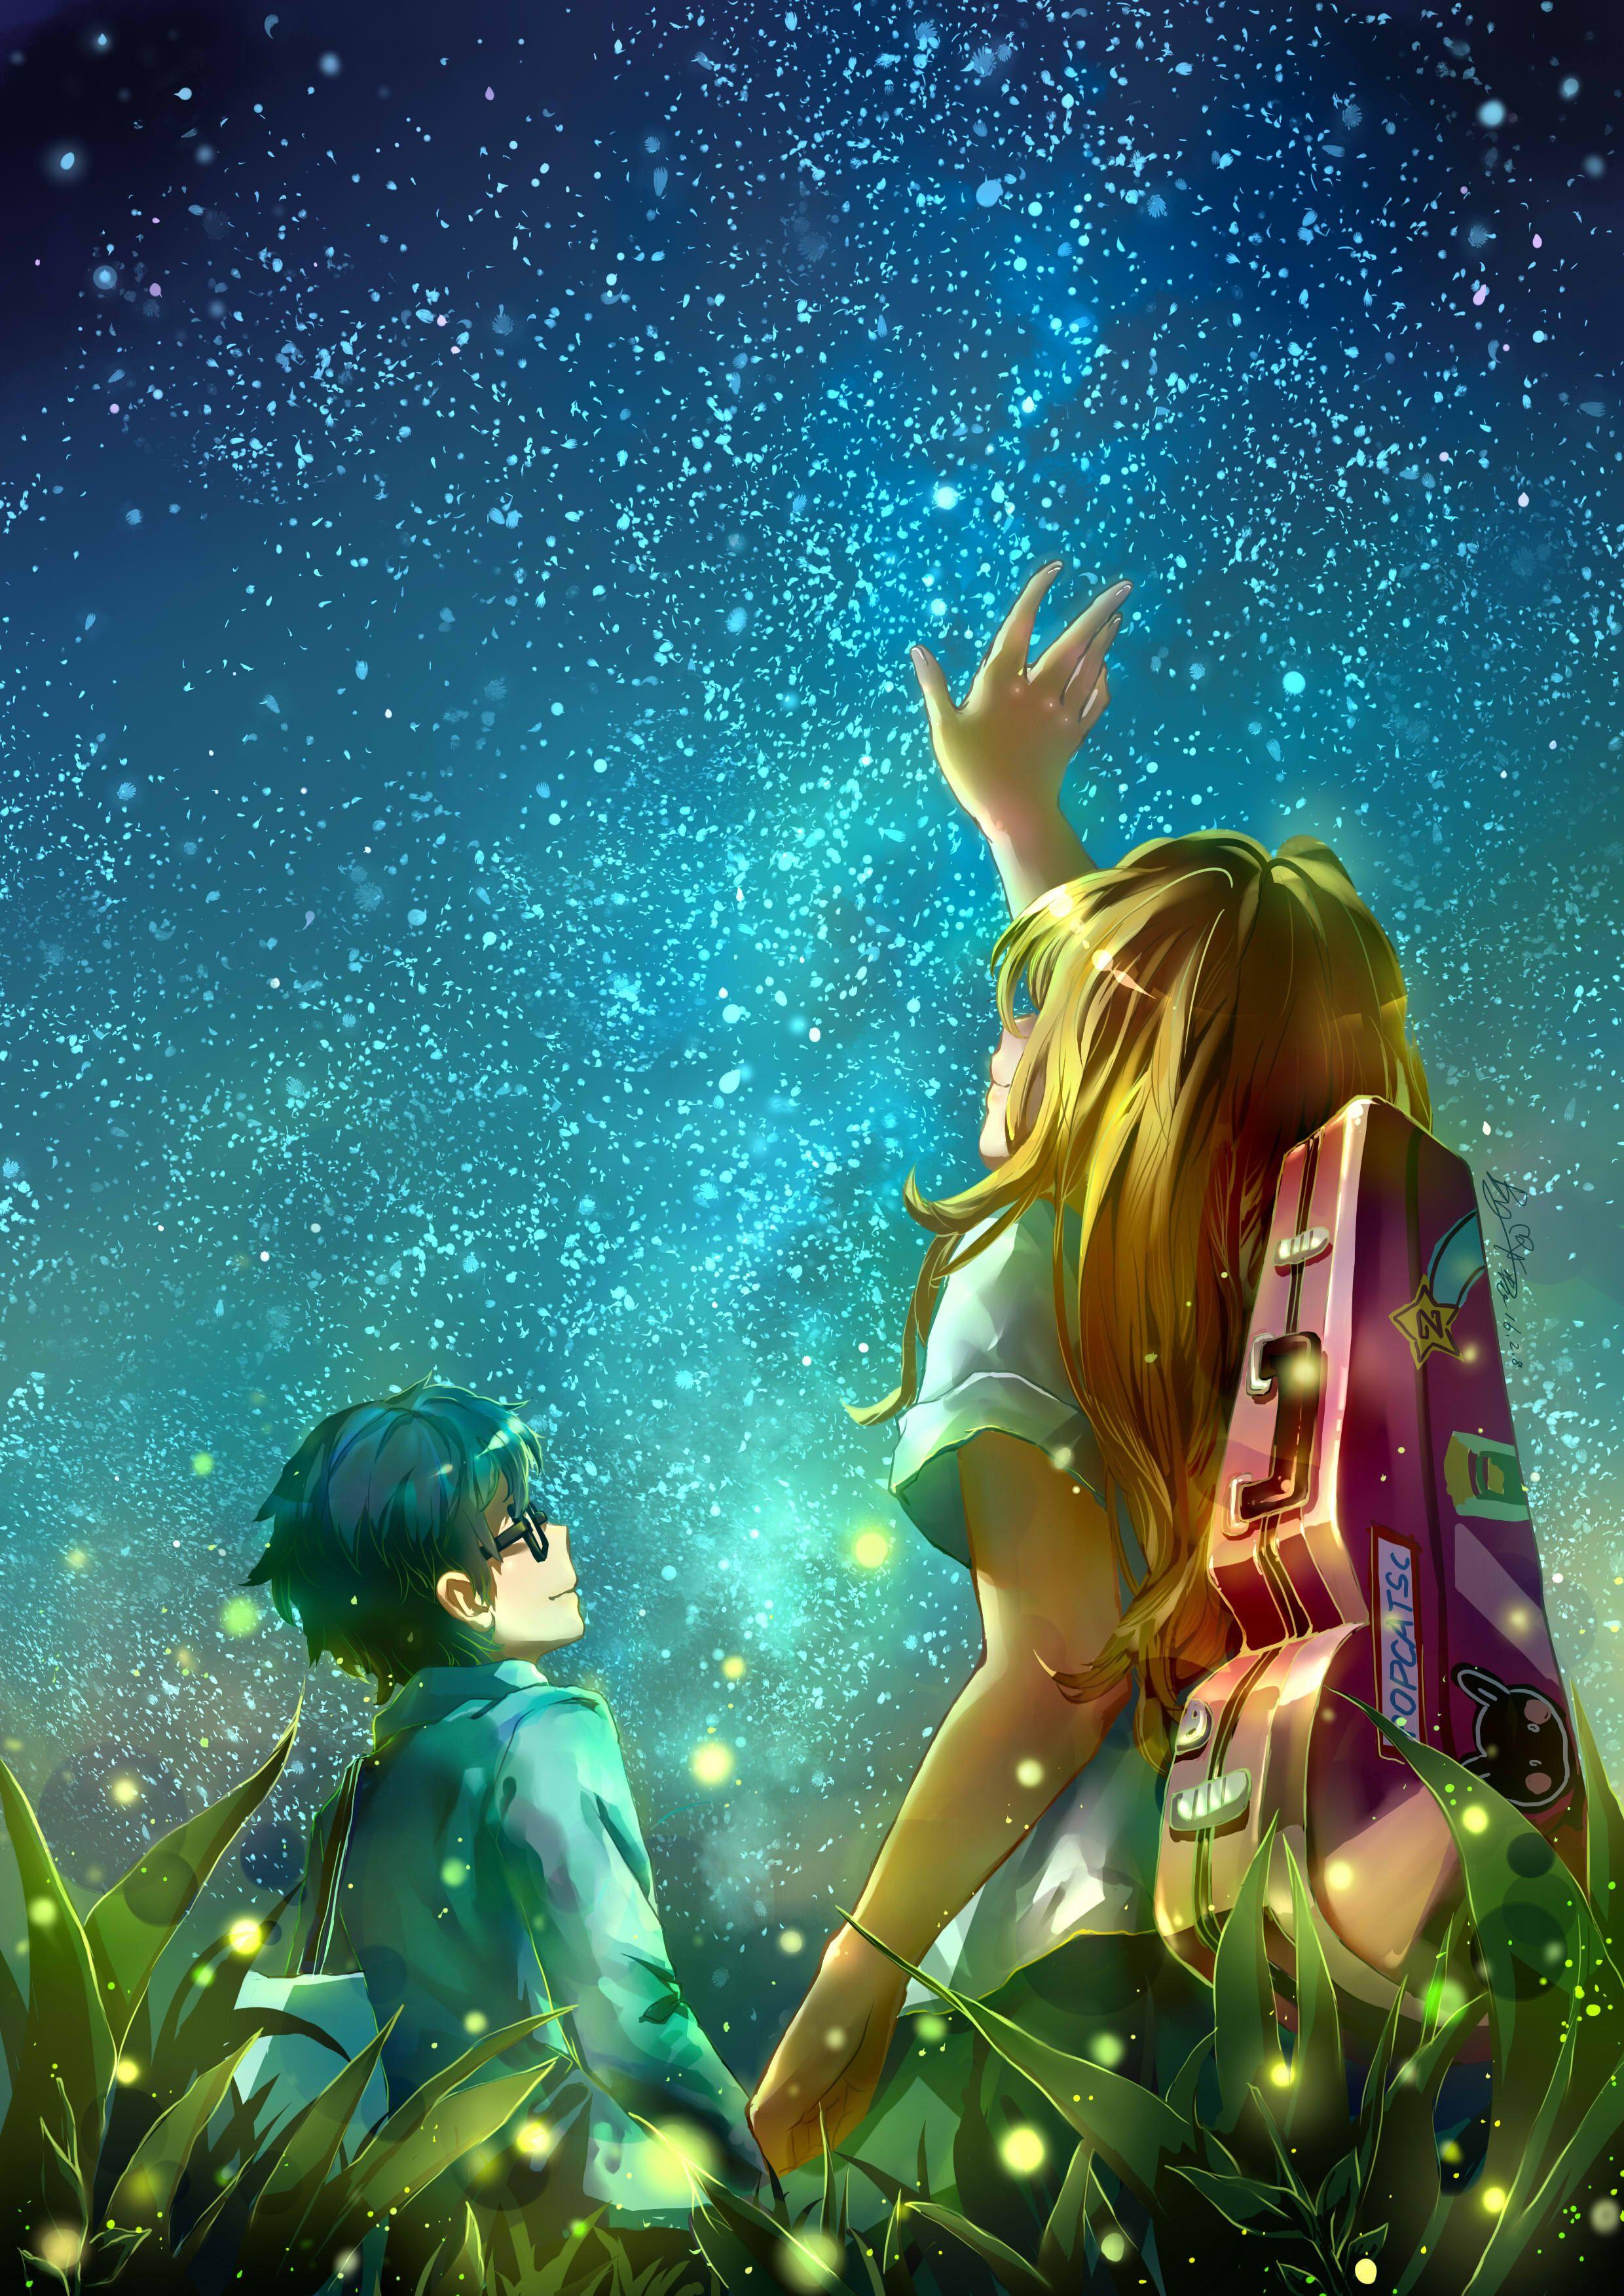 Shigatsu wa kimi no uso Kousei and Kaori Anime, Anime